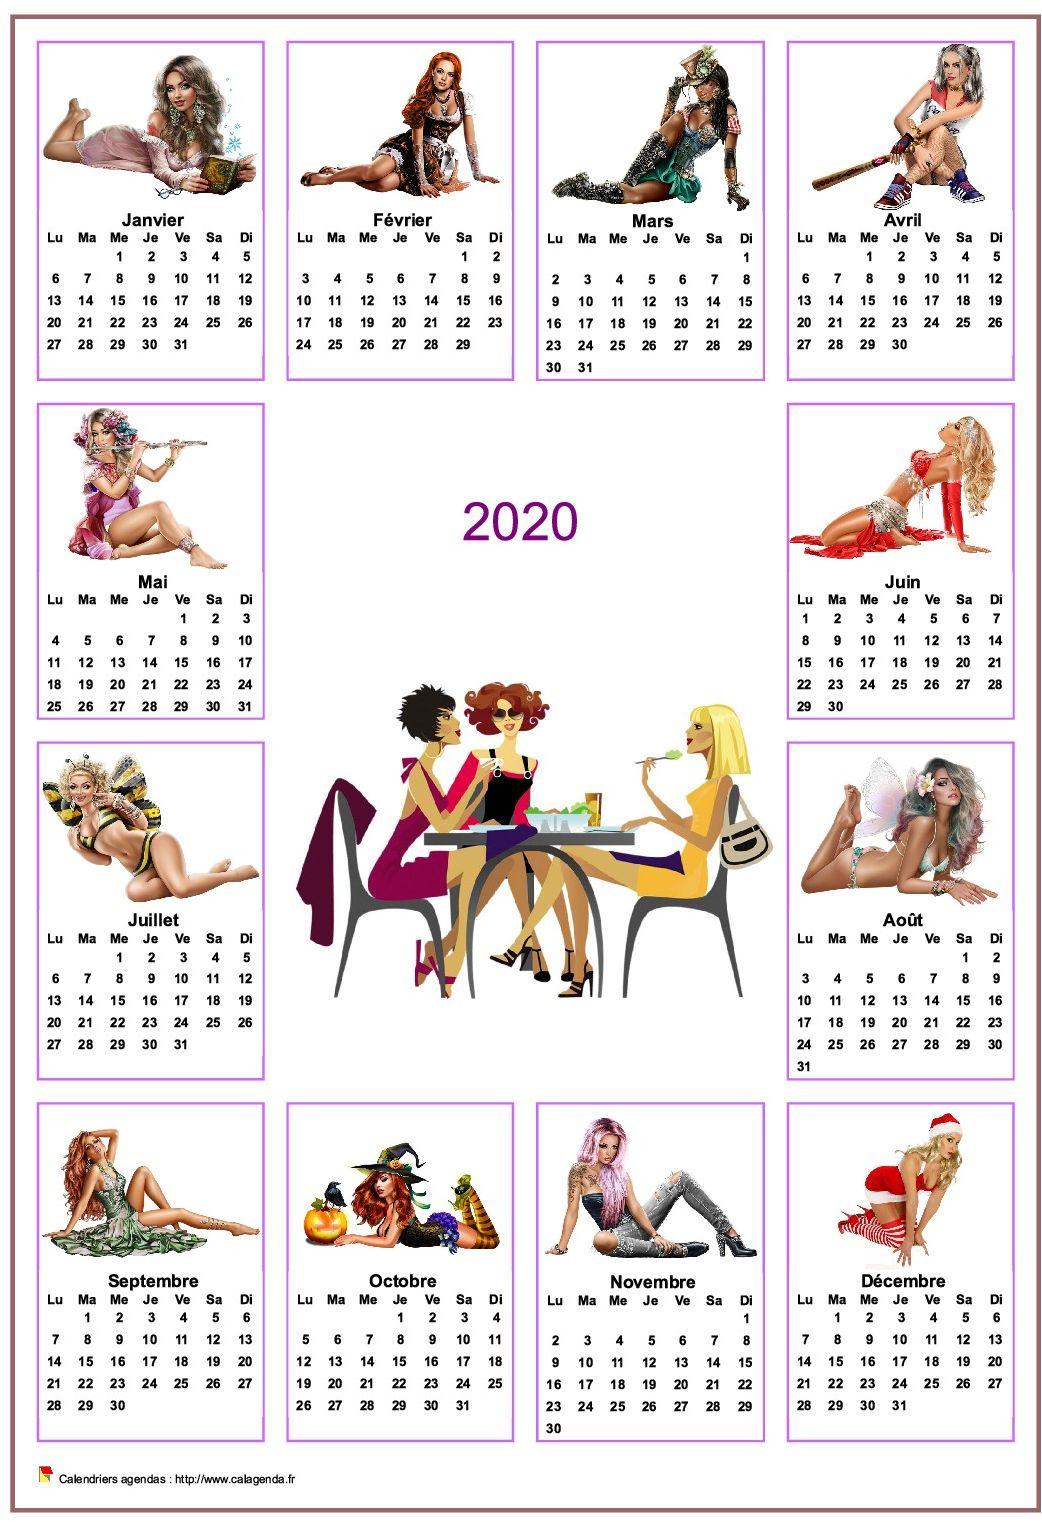 Calendrier 2020 annuel tubes femmes